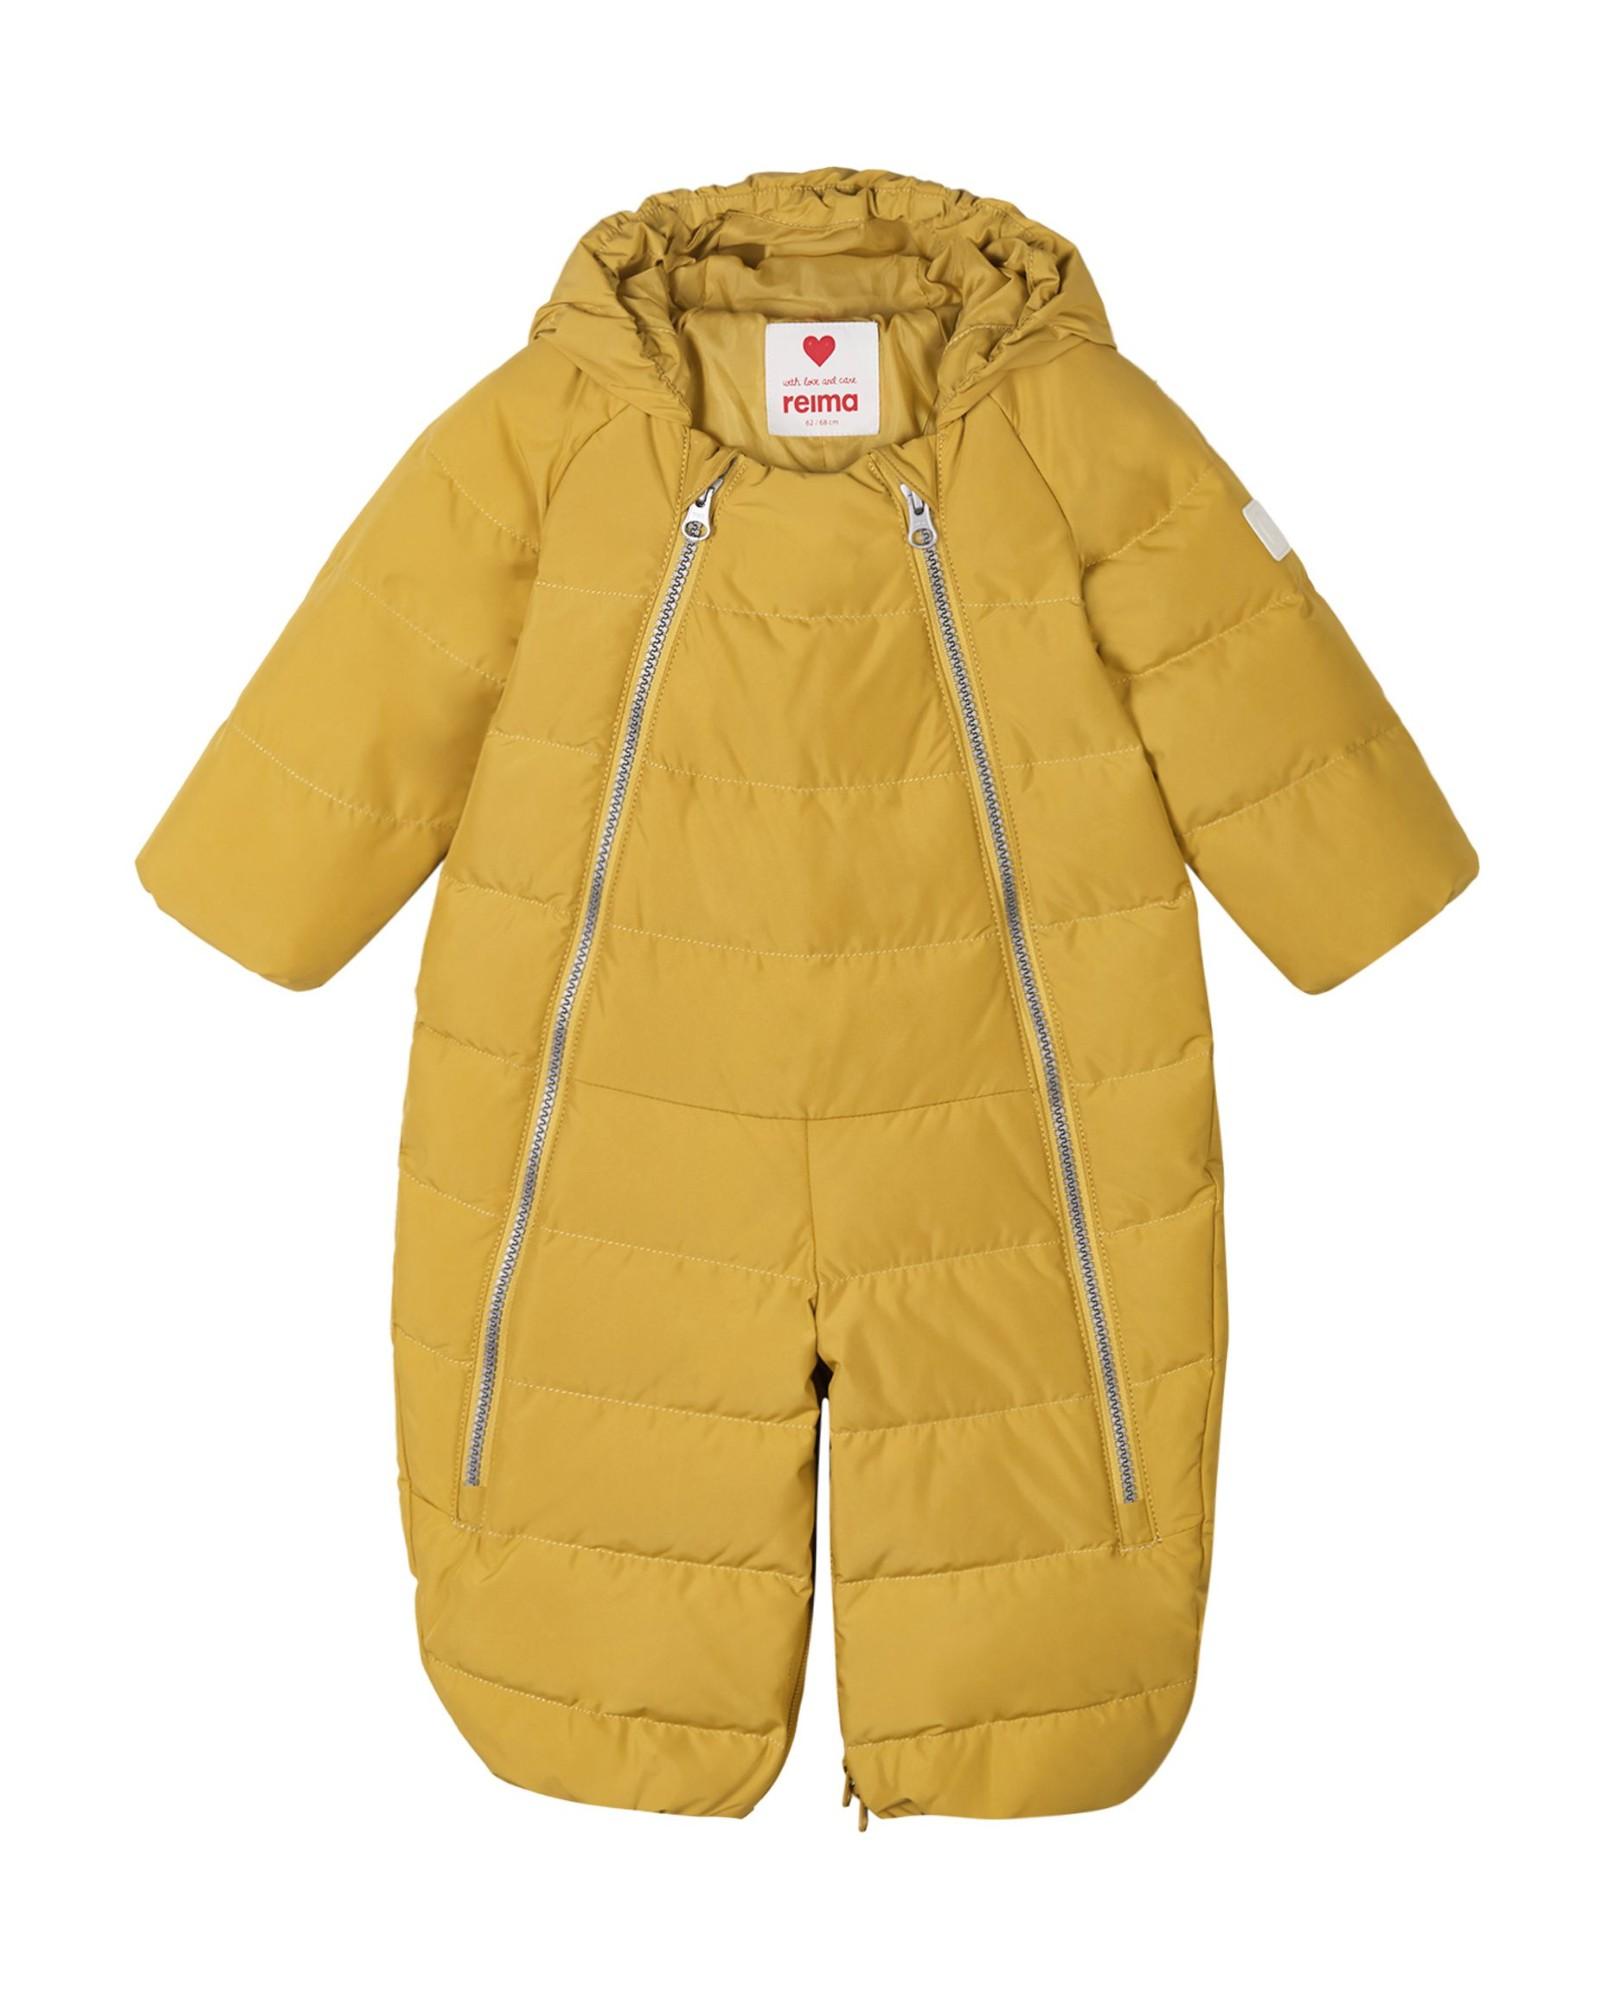 REIMA Tilkkanen Ginger Yellow 56-62